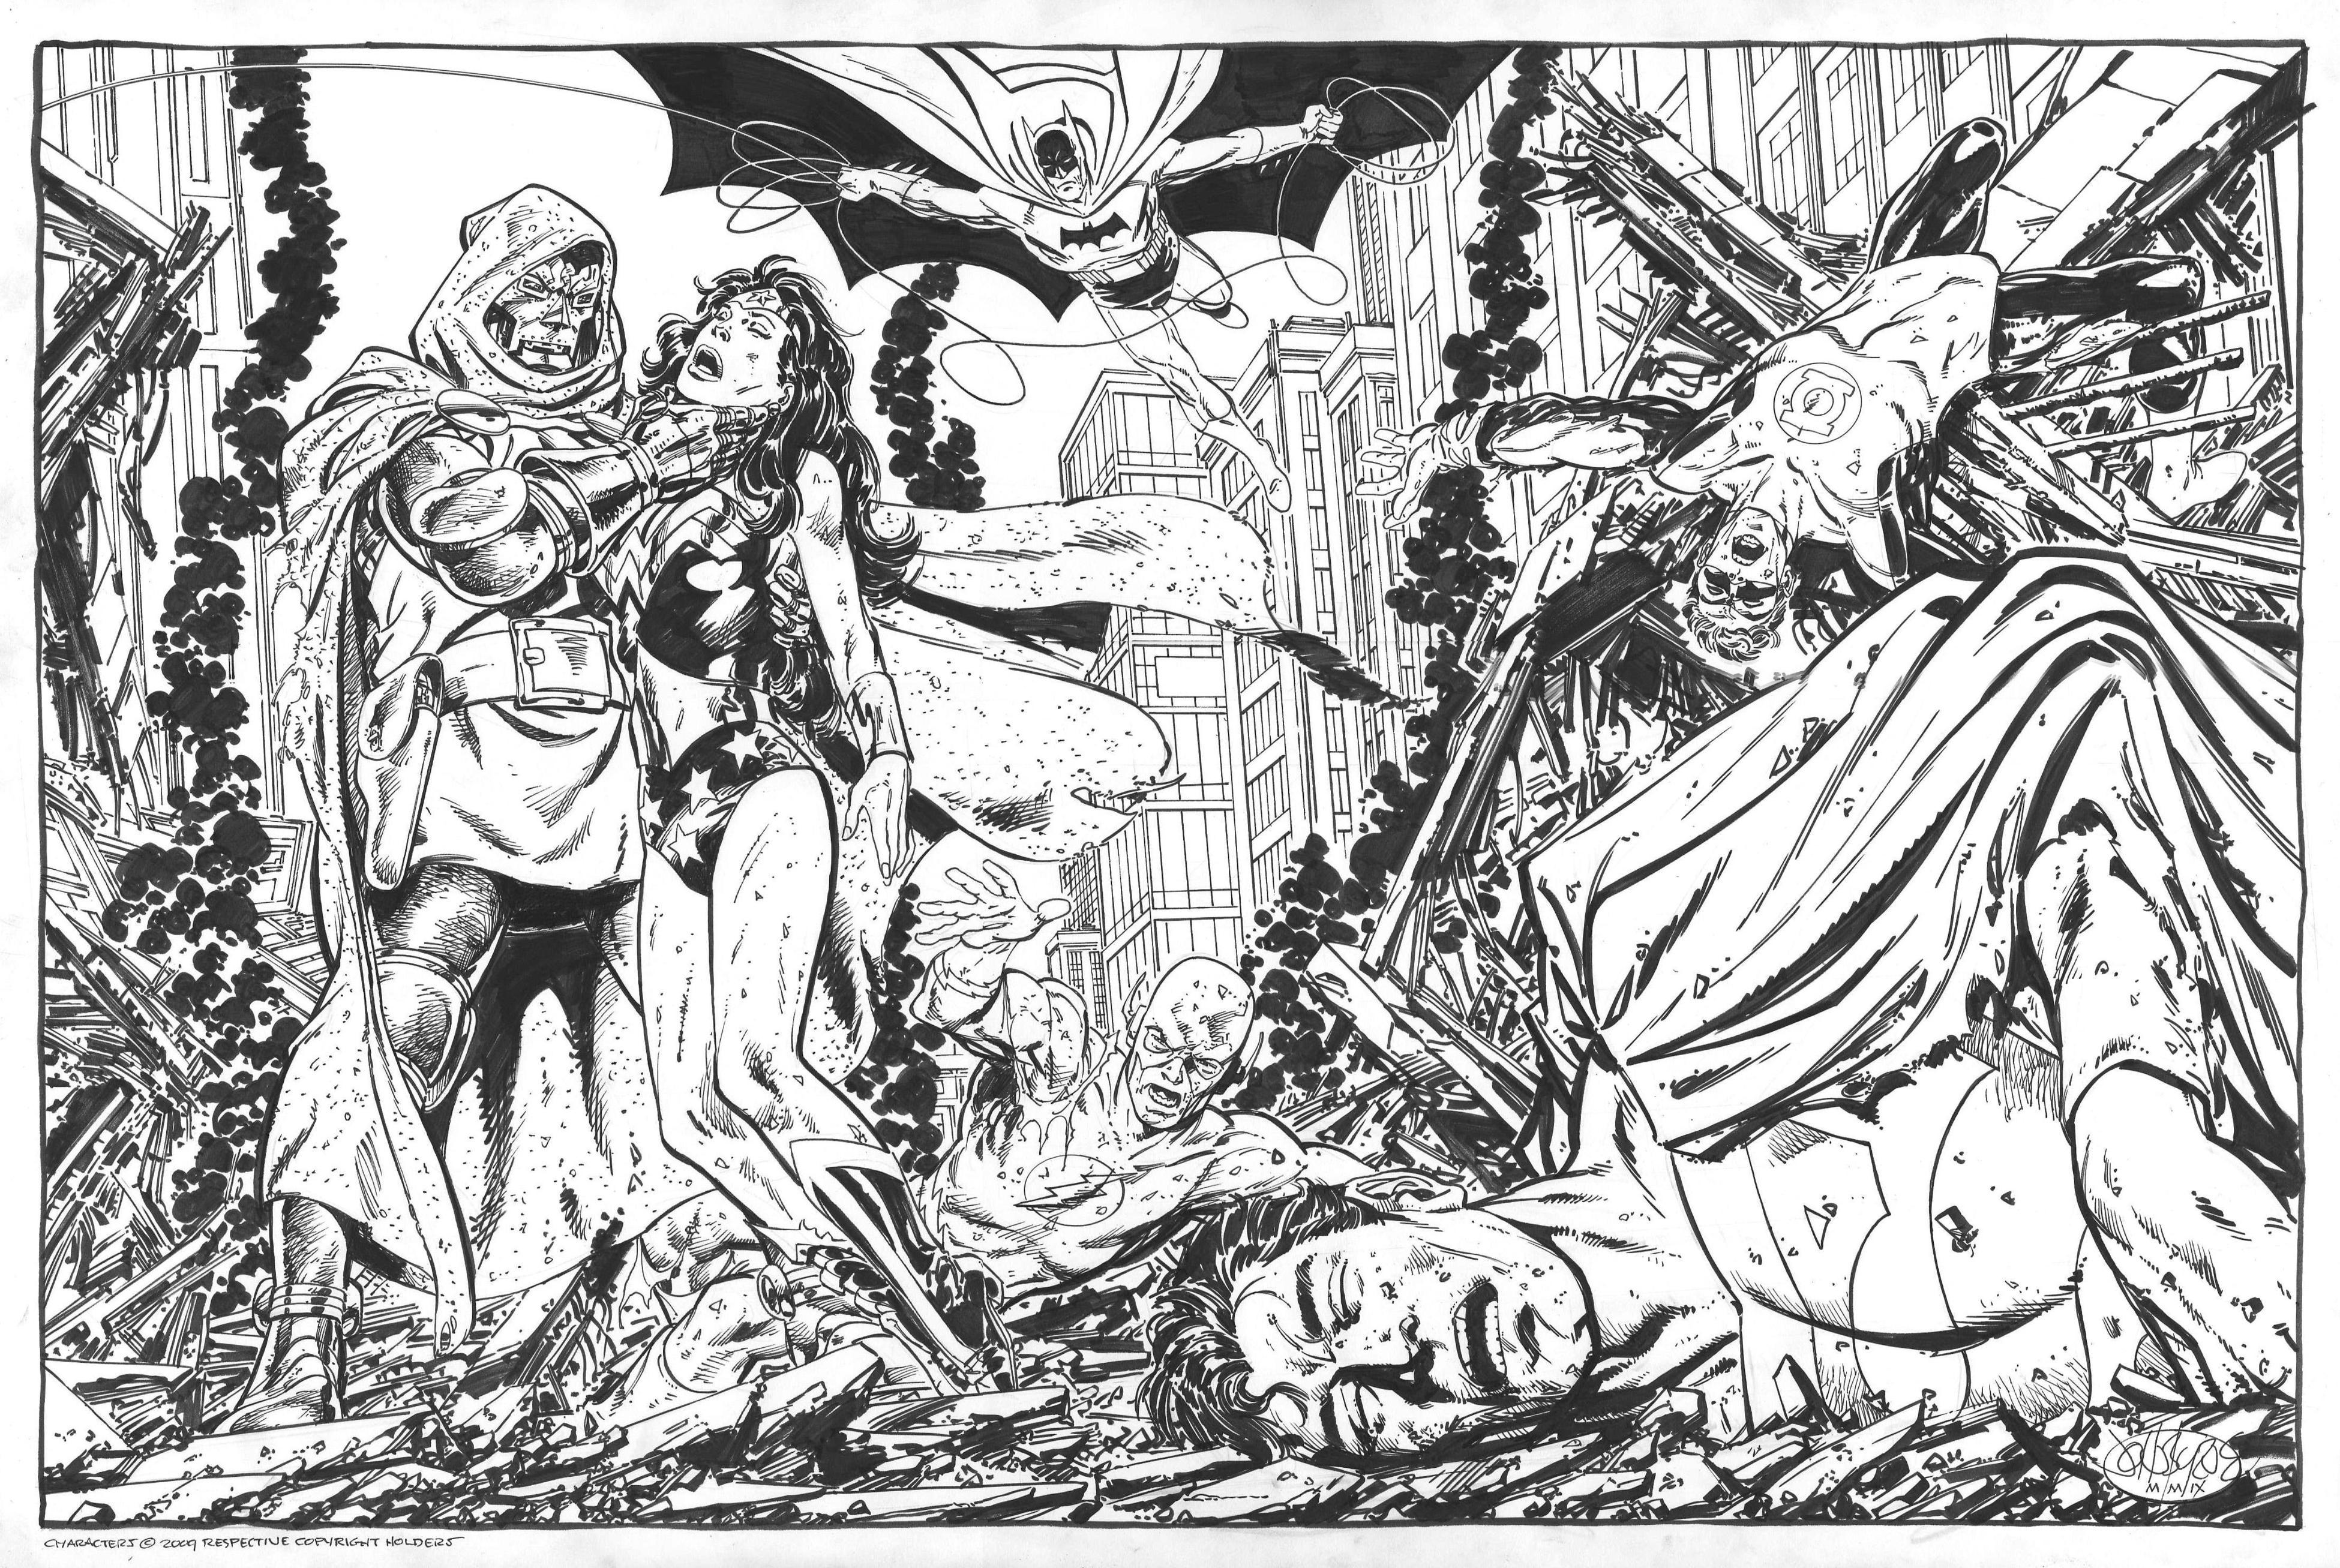 JLA / Avengers vs Dark Phoenix - John Byrne